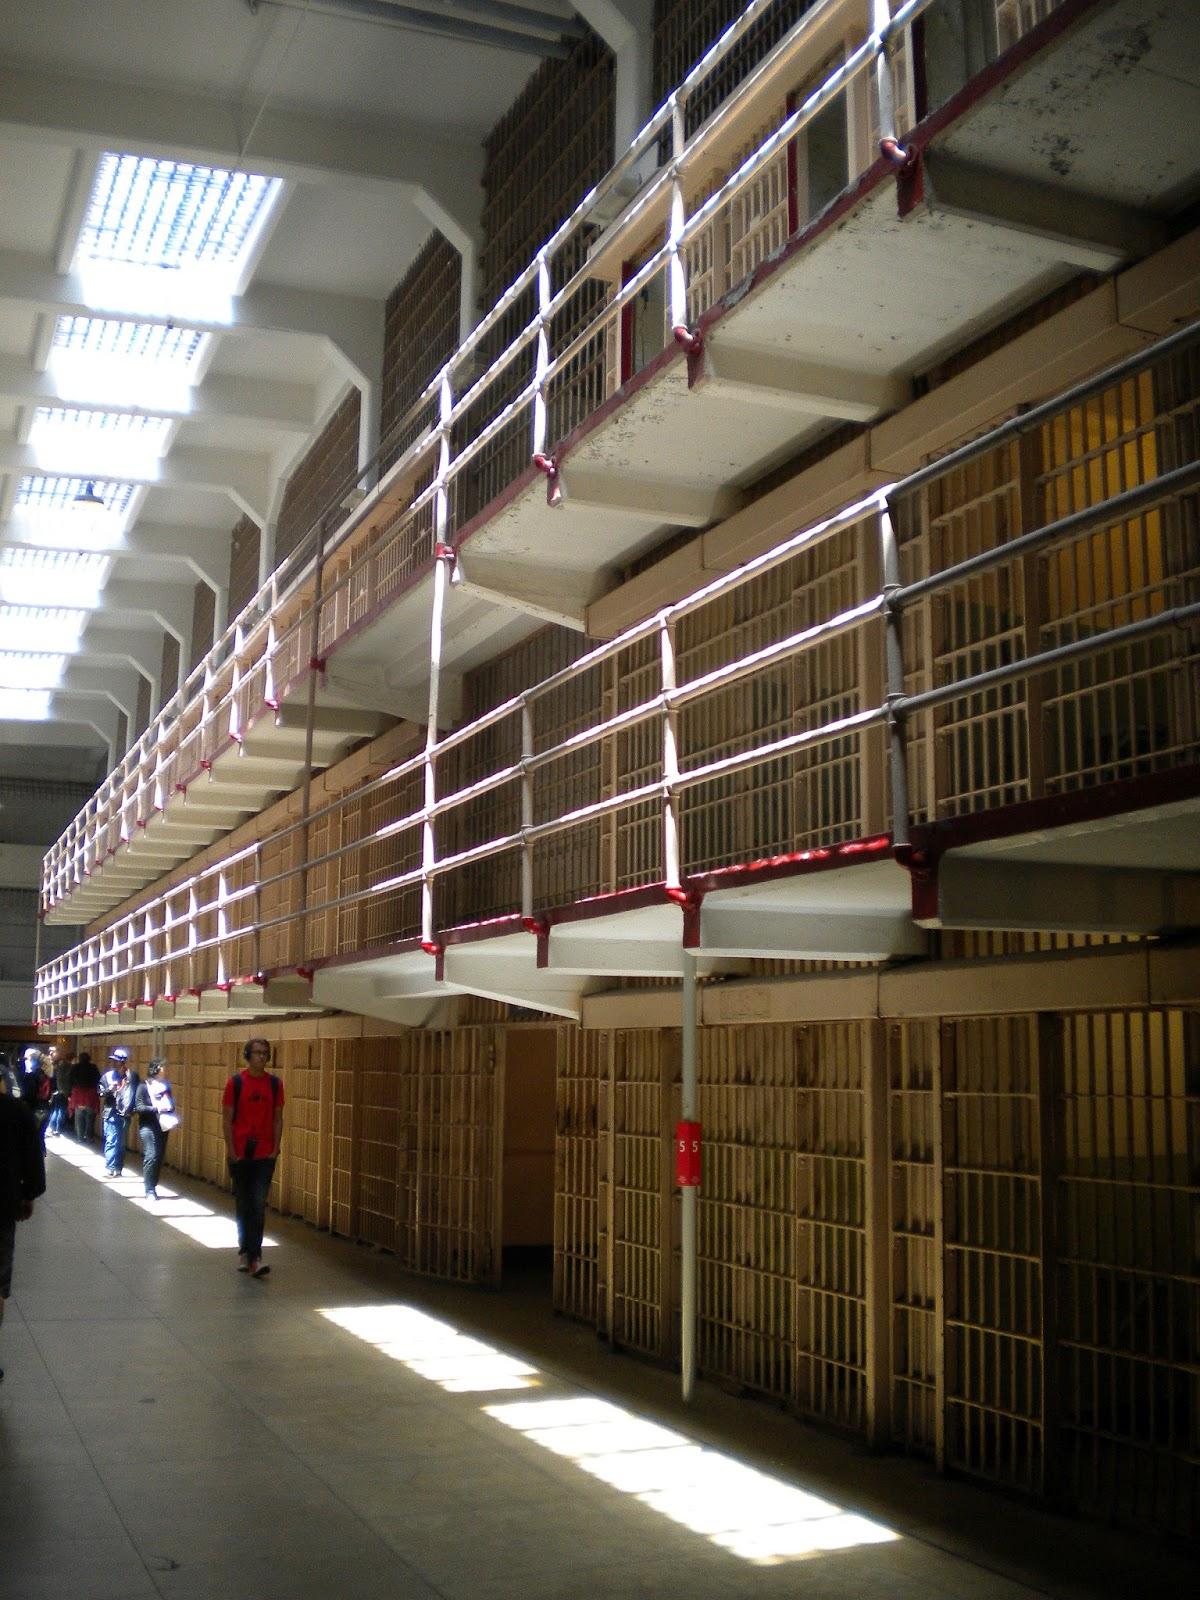 alcatraz the rock prison island vankilasaari san francisco matkailu matkajuttu mallaspulla selliosasto